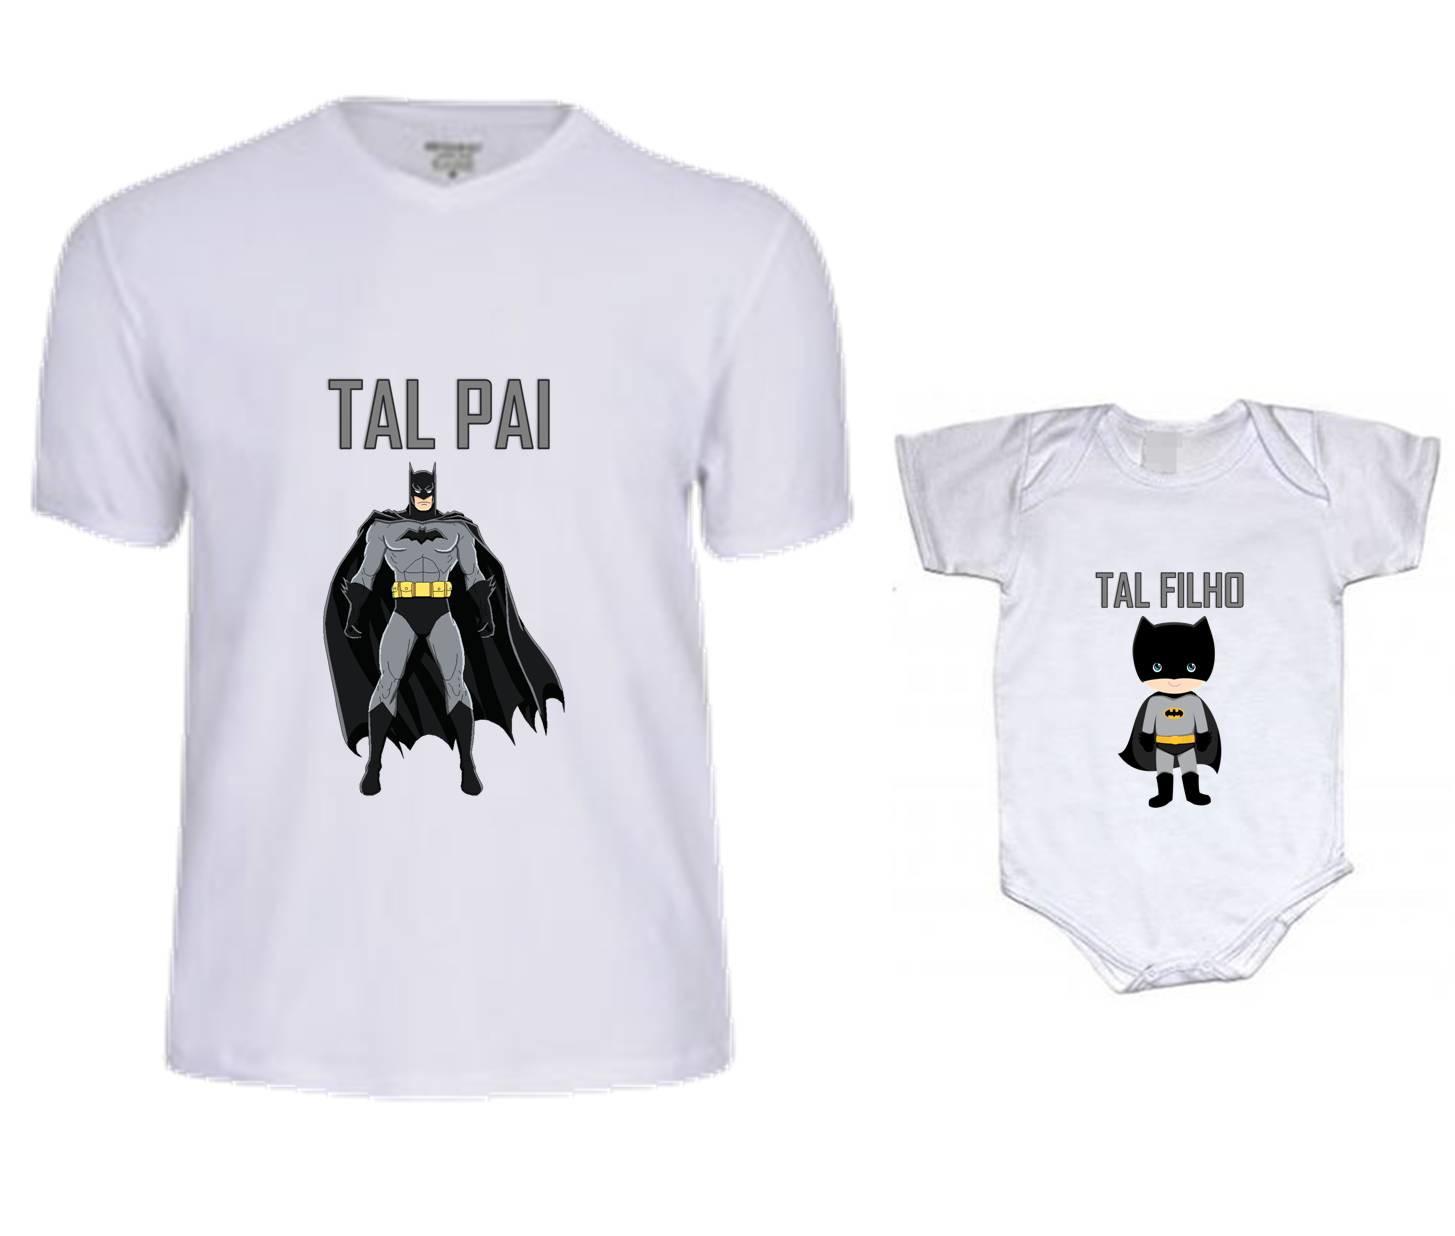 Camiseta Pai e Filho Kit Tal Pai Tal Filho Tricolor G79  8fe87e1ab4c10